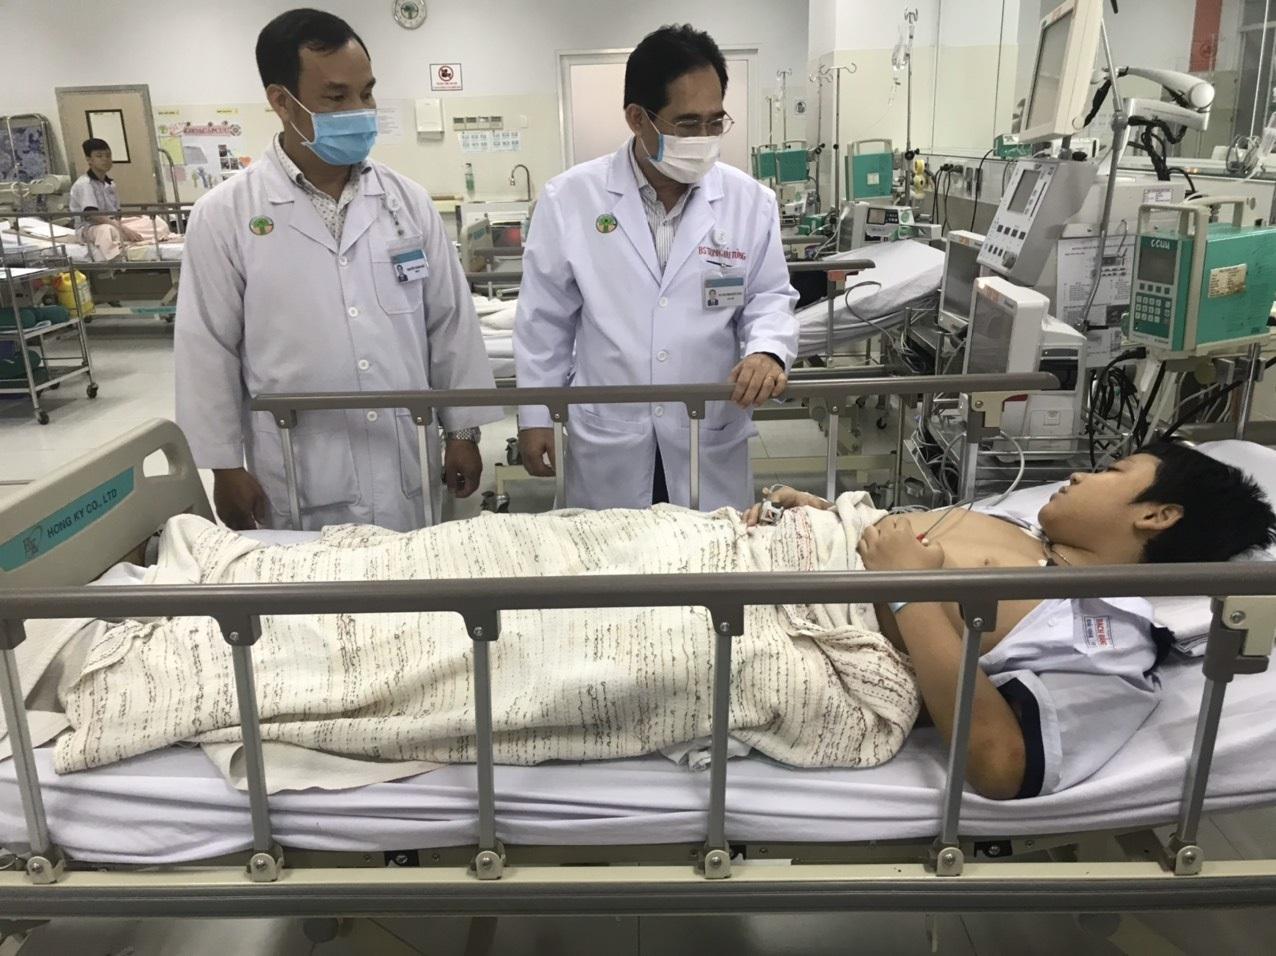 Cây phượng bật gốc: Còn 3 học sinh thương nặng điều trị